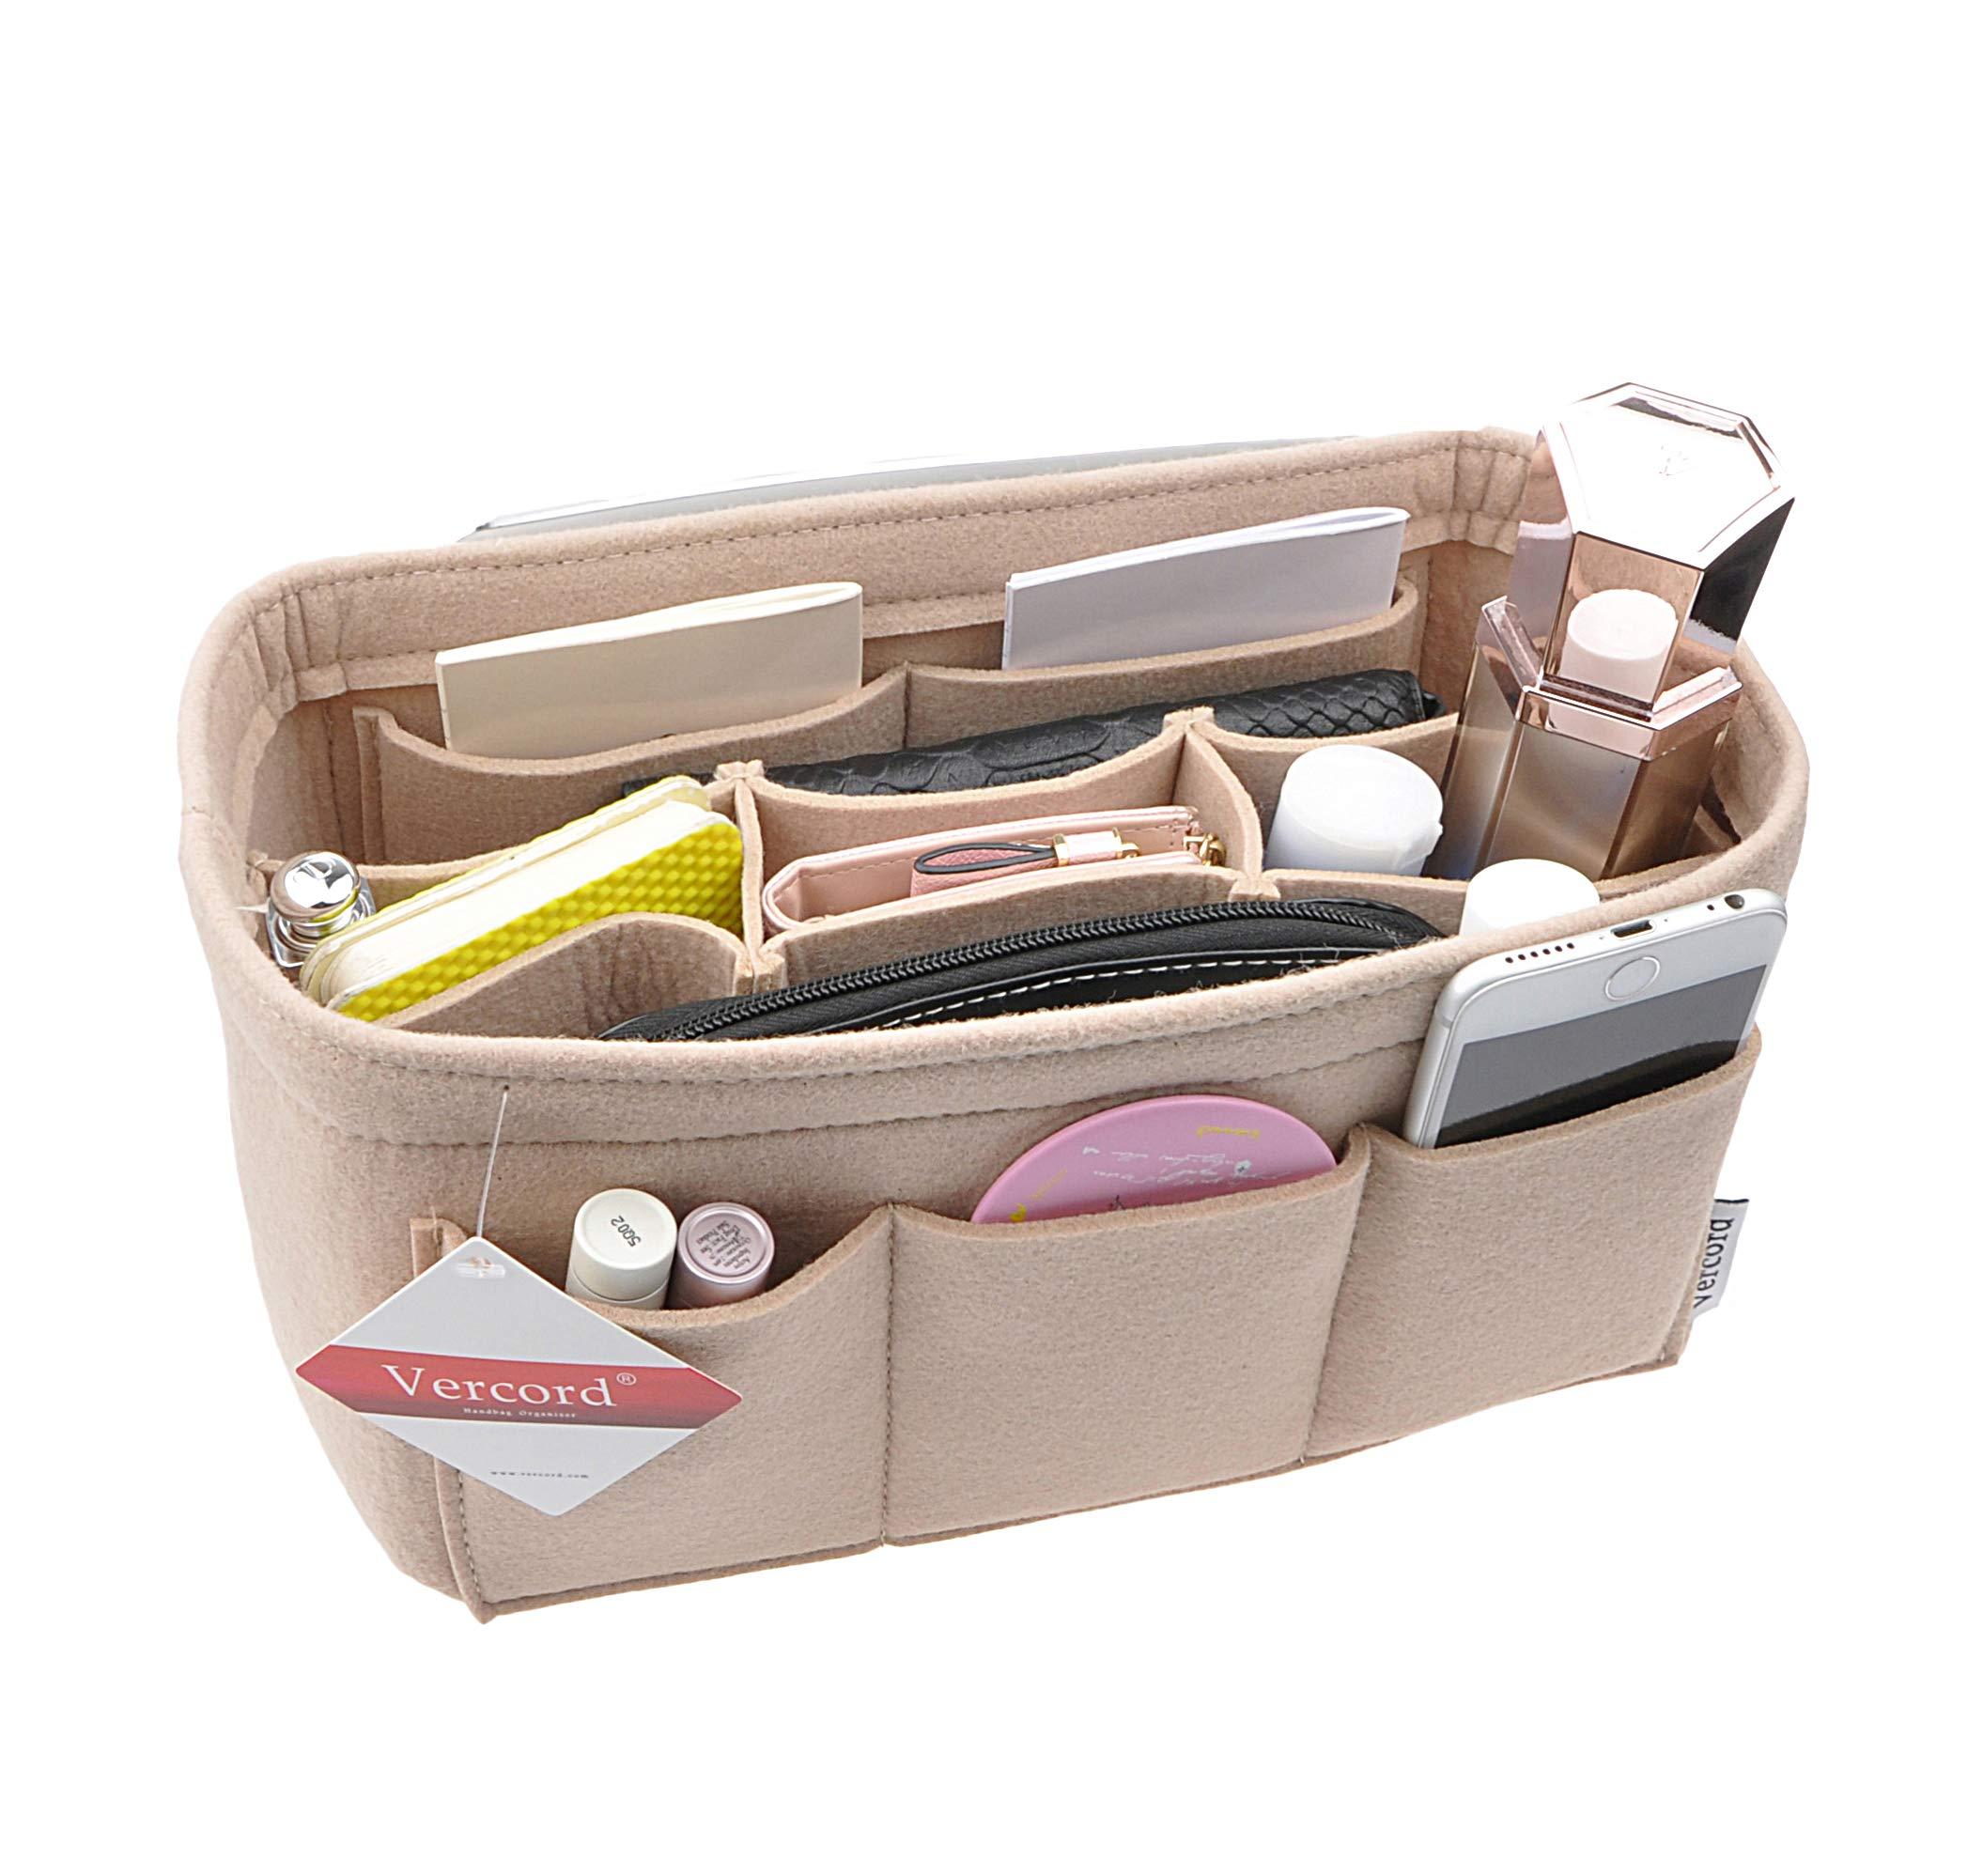 Women's Purse Organzier Sturdy Felt Handbag Liner Insert Bag Beige M